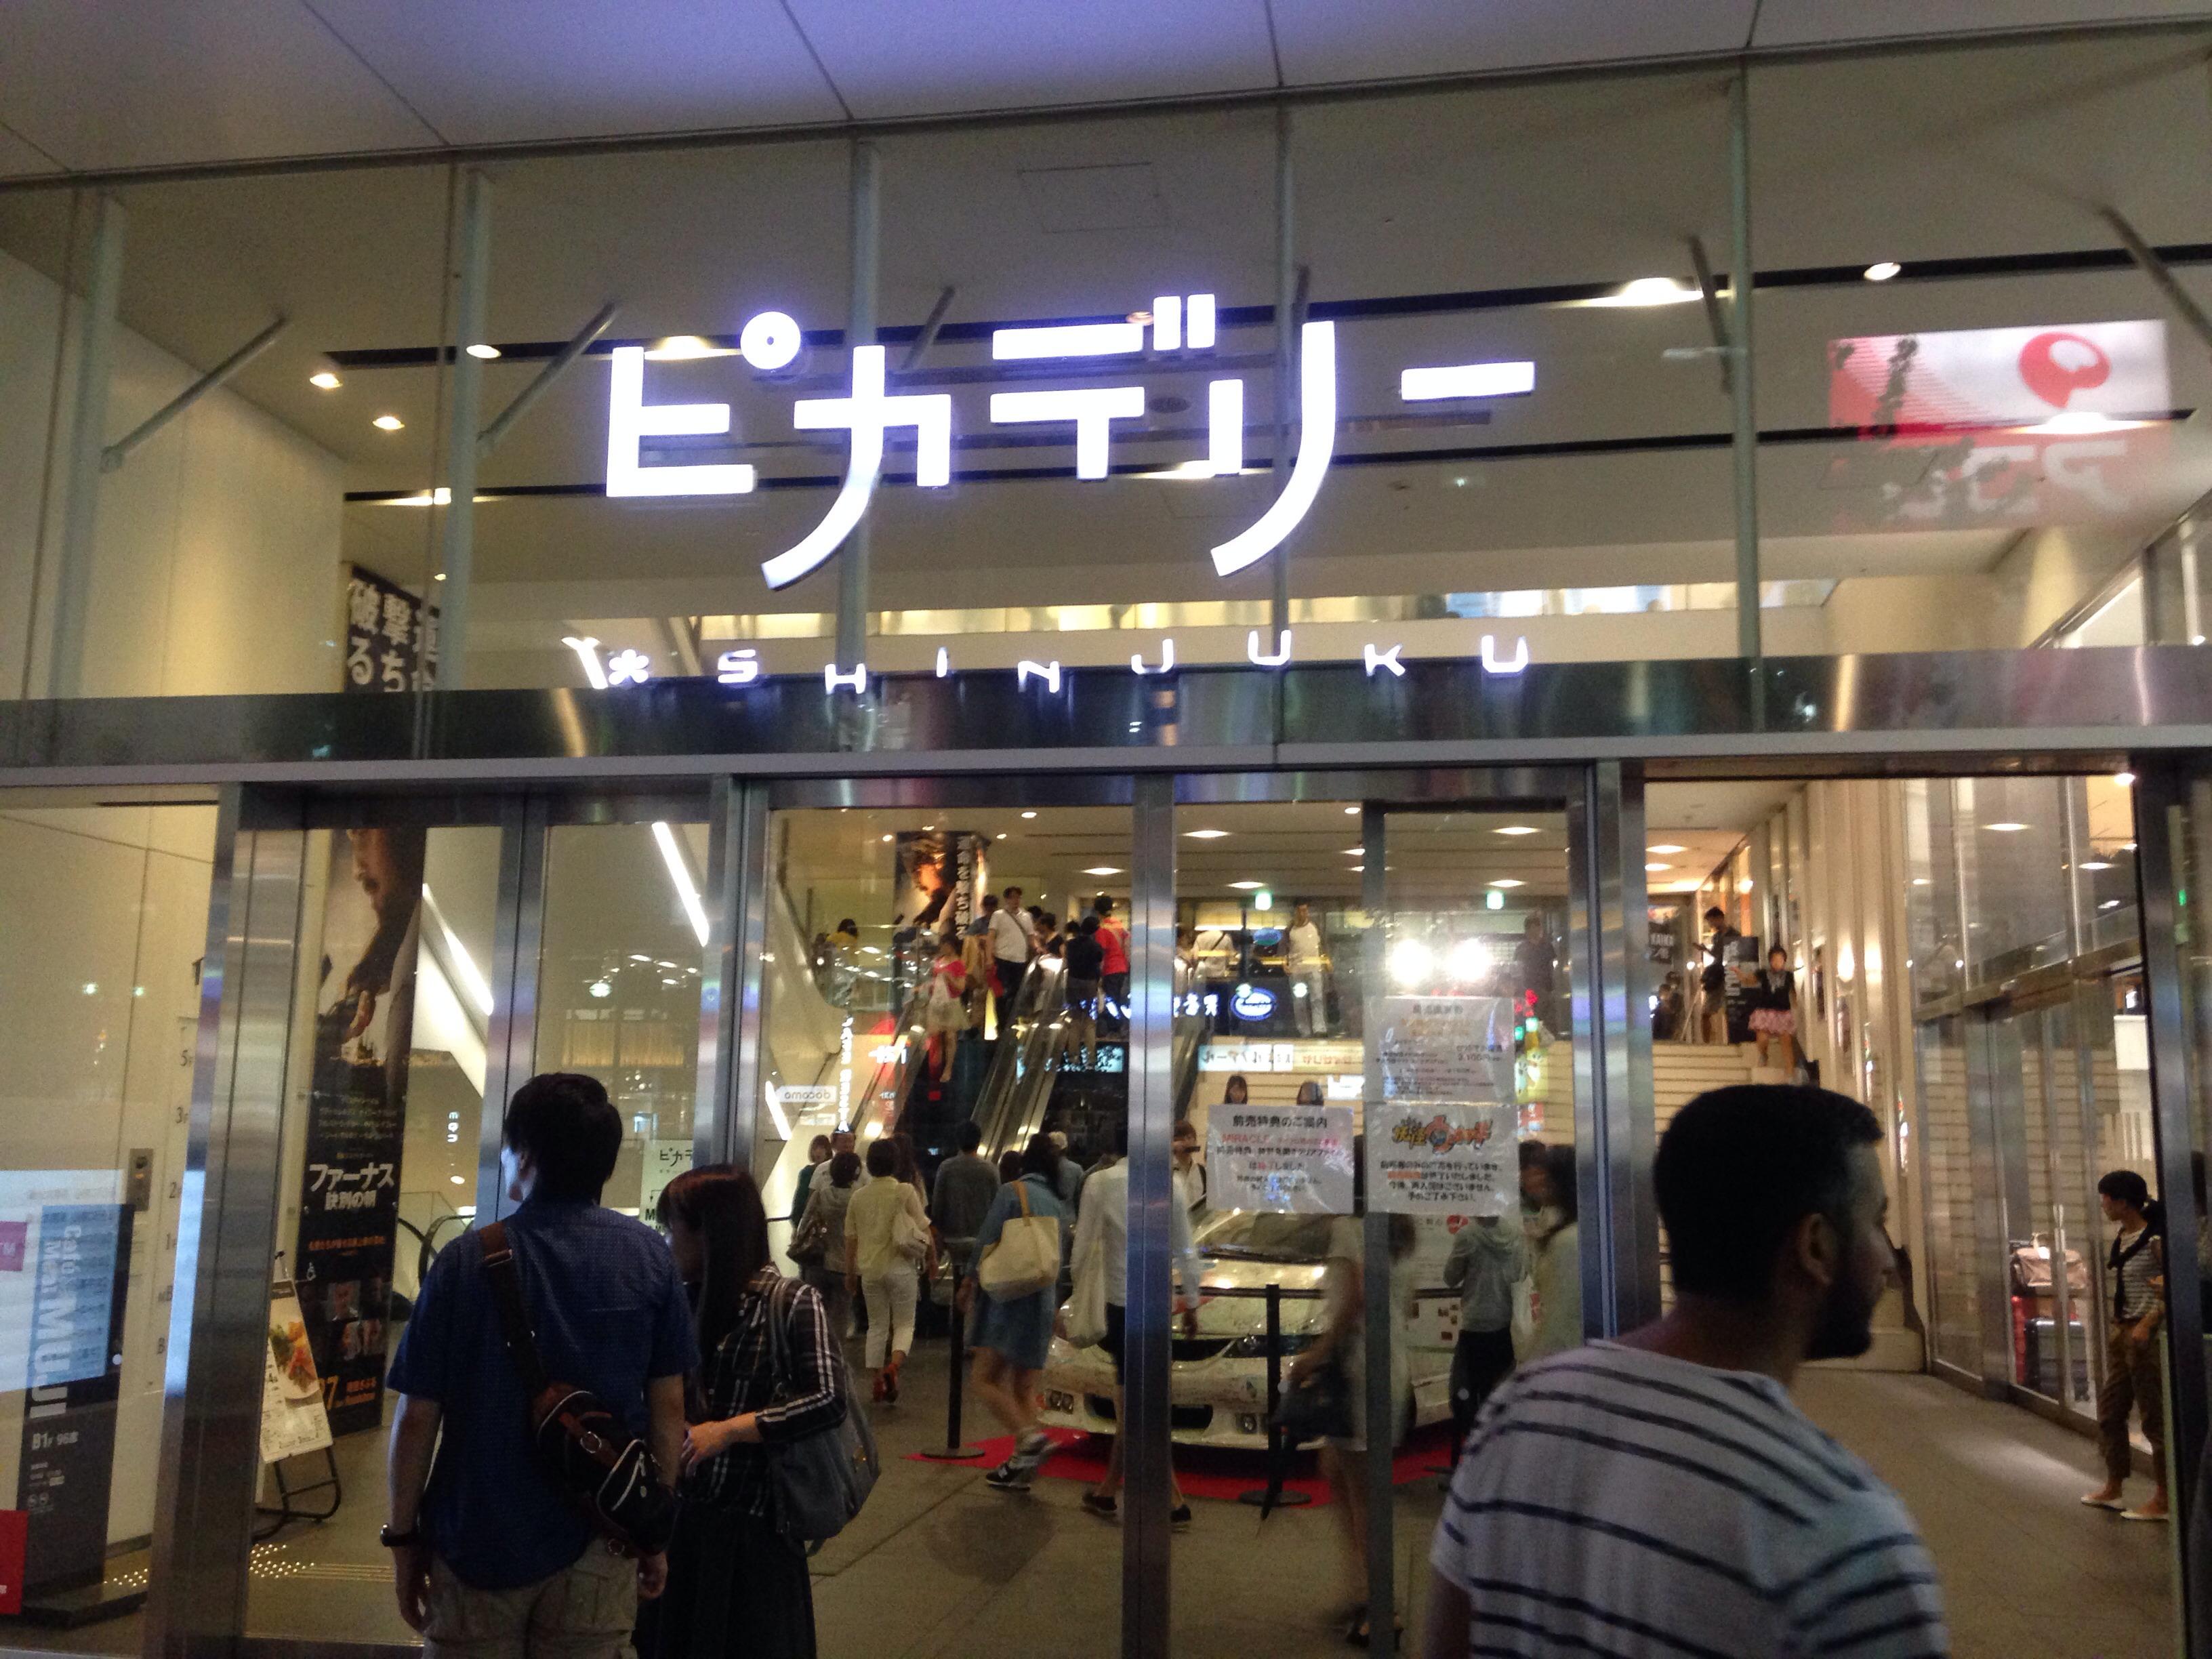 일본 피카디리극장 로비 - 바람의 검심 차량 전시